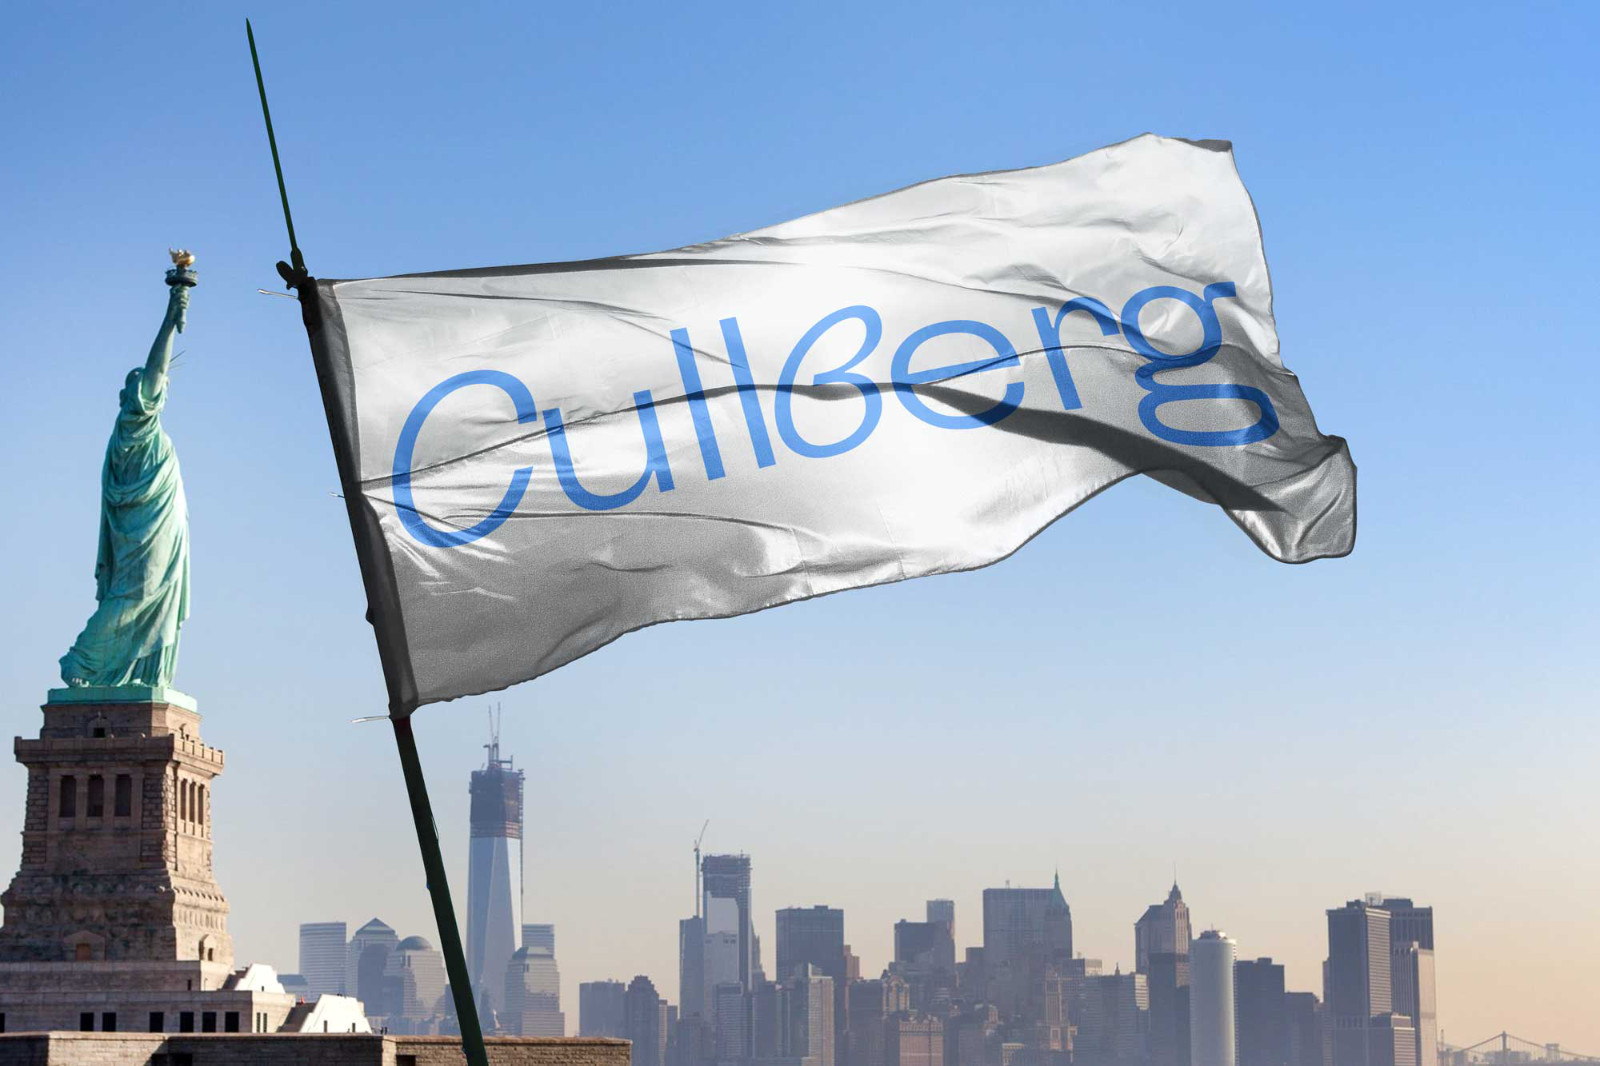 Martin Falck – logotyp för danskompaniet Cullberg, del av ny visuell identitet, Cullberg (2019).